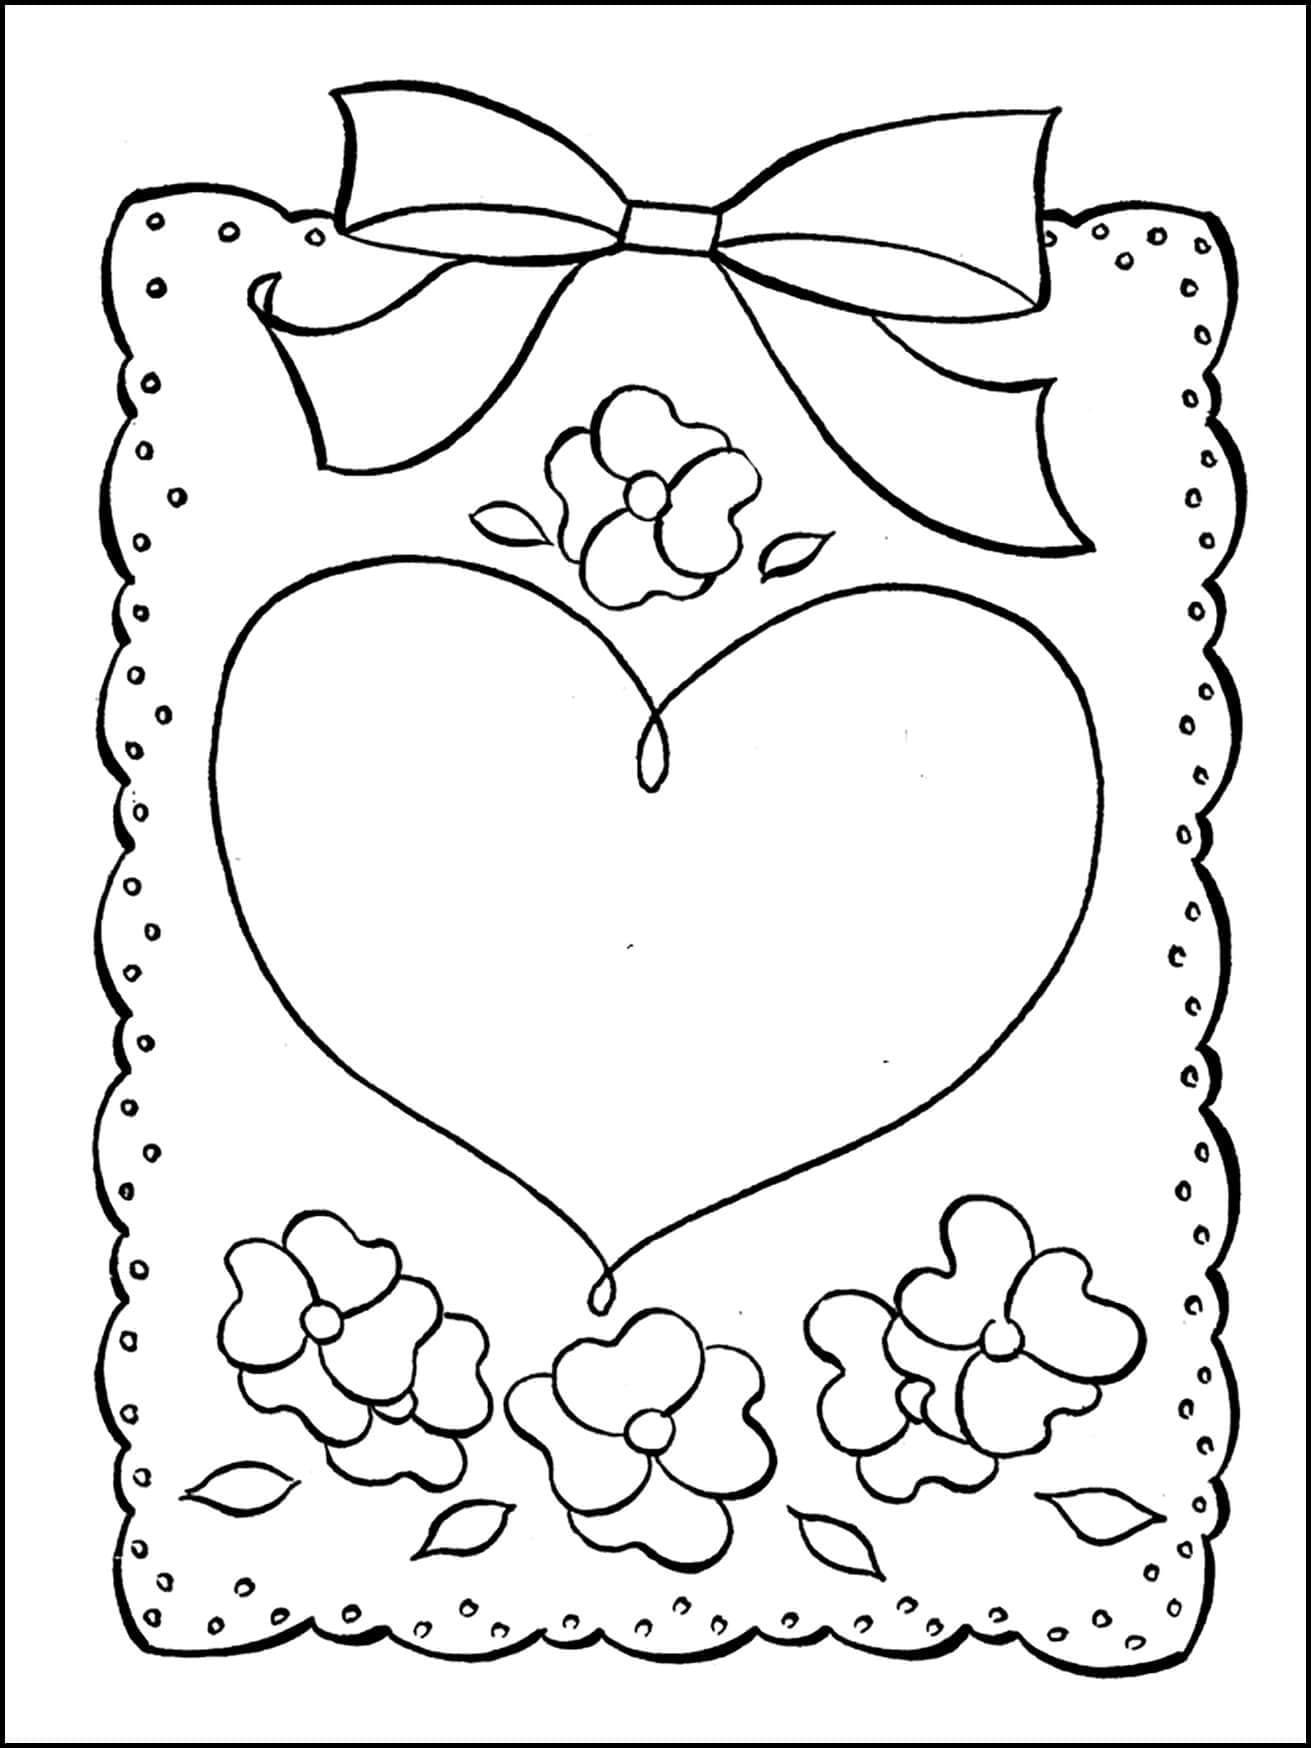 Раскраска открытка с сердечком